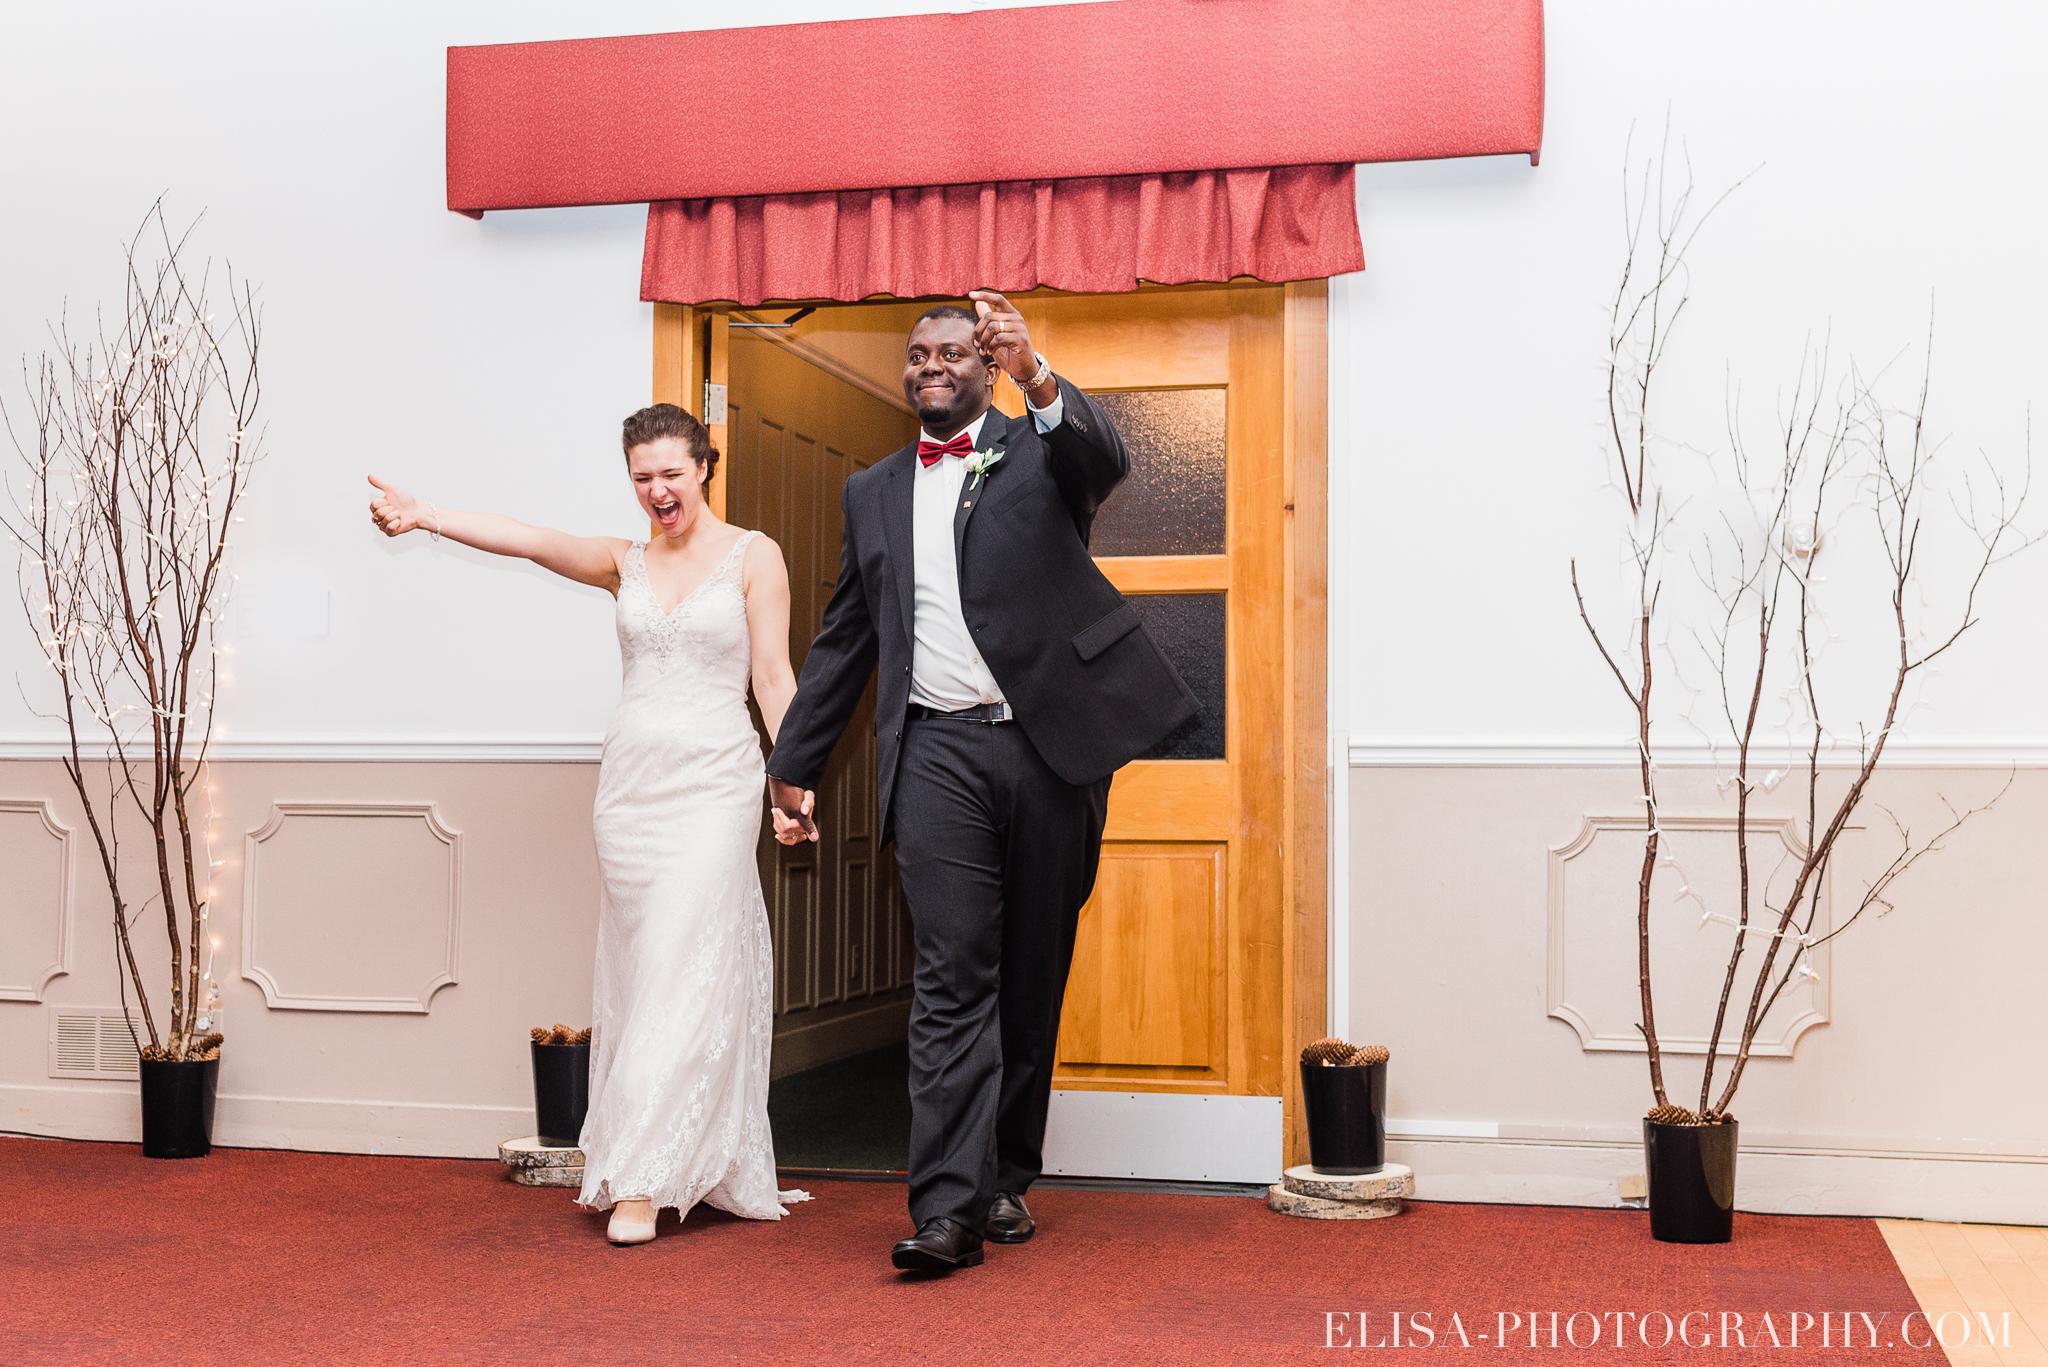 photo mariage reception toast coupe du gateau ville de quebec golf de cap rouge 8405 - Mariage au Golf de Cap-Rouge, ville de Québec: Stéphanie & William